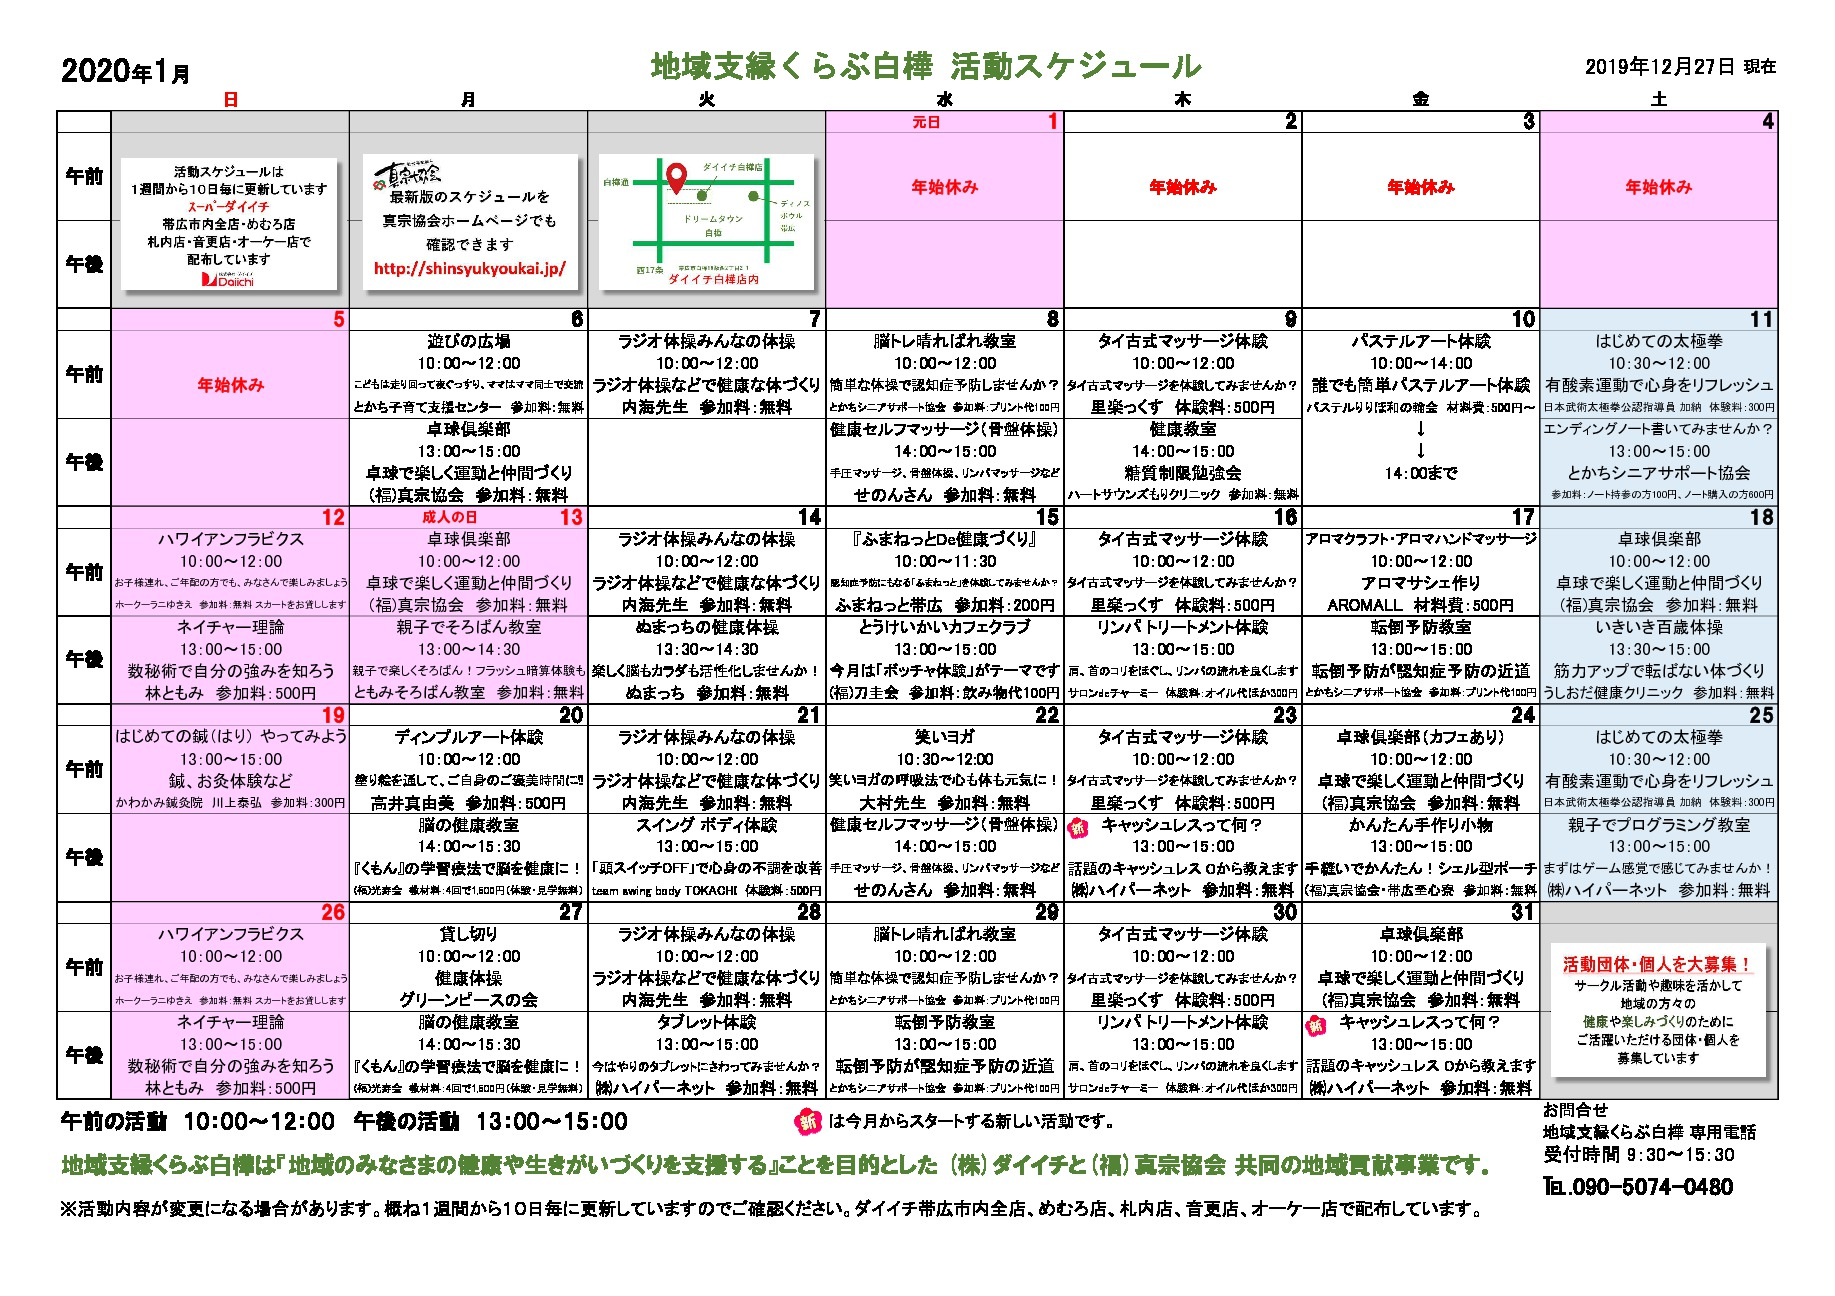 2019活動スケジュール1(2019.12.27付)のサムネイル